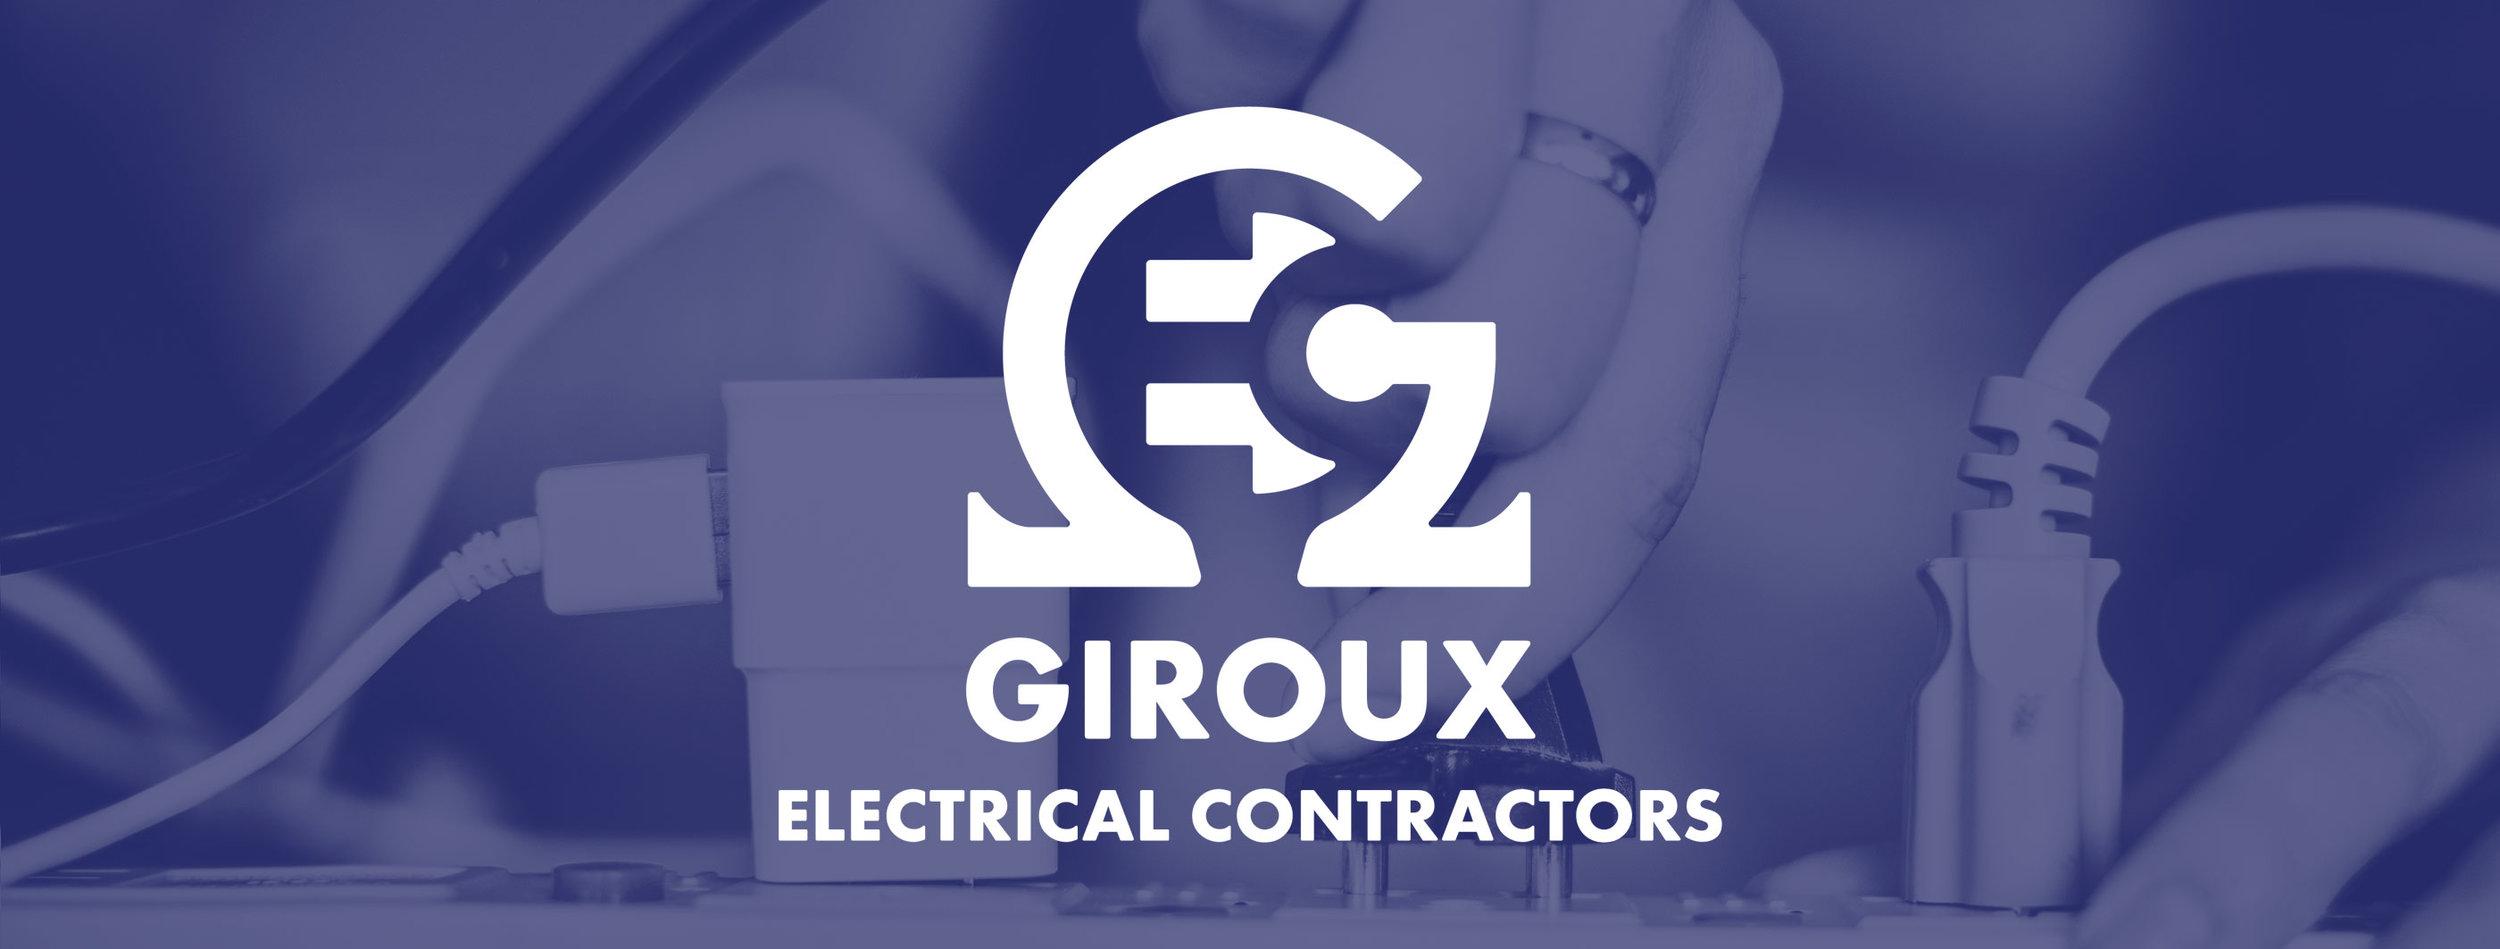 Studio-Eighty-Seven-Giroux-Electrical-Contractors_GEC-Branding.jpg